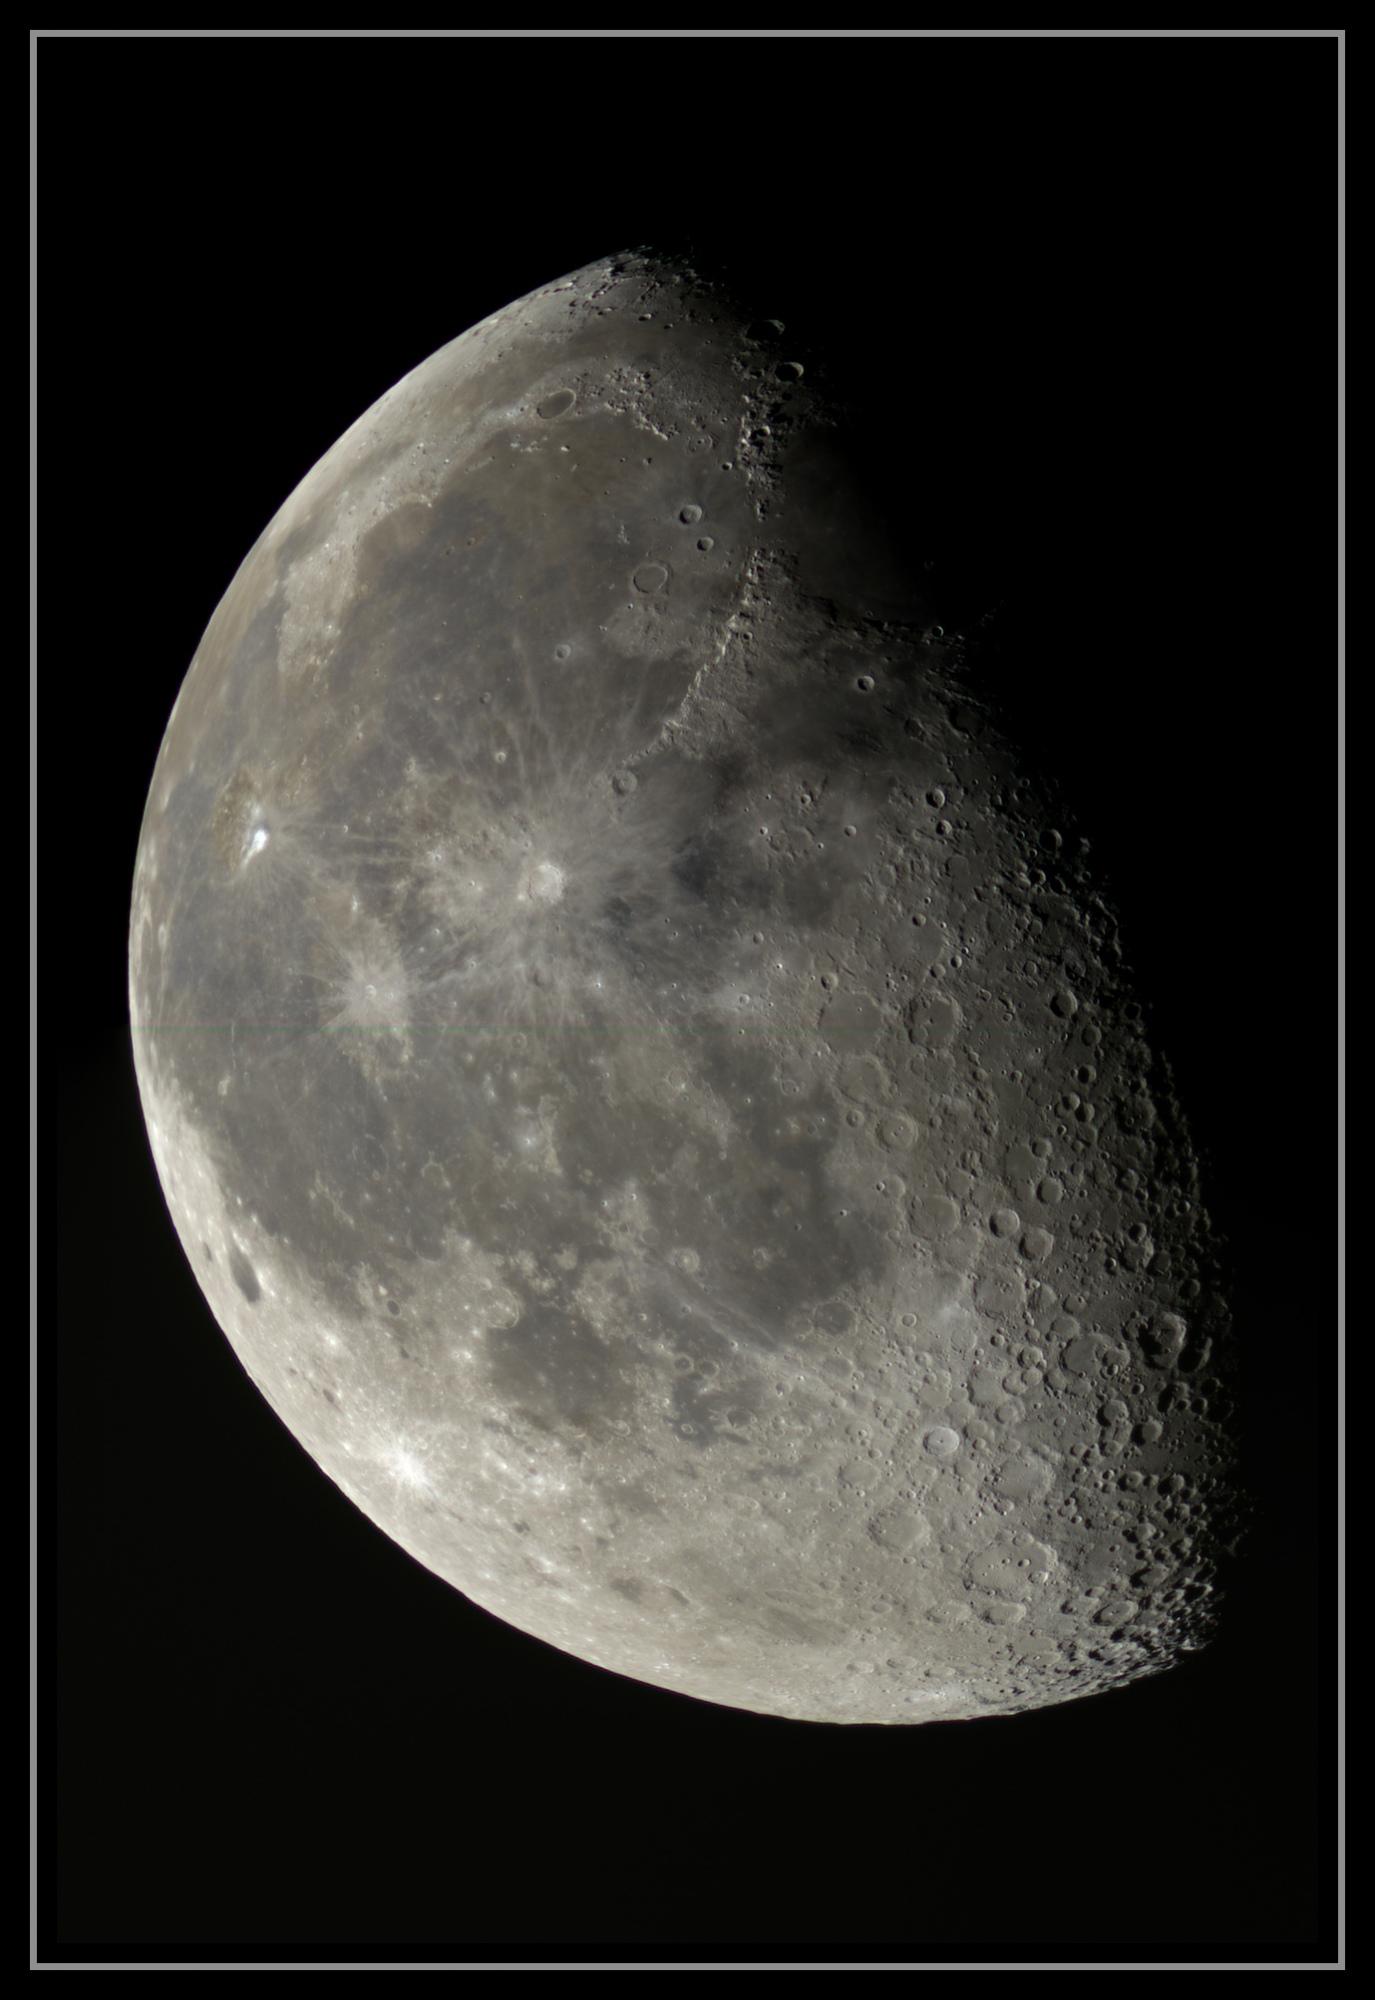 5e2e7883e112a_Moon_050723_160120_ZWOASI224MC_RGB_AS_P20_lapl4_ap600_stitchv2.thumb.jpg.1802076a2886be2d31b356e135b84fe5.jpg